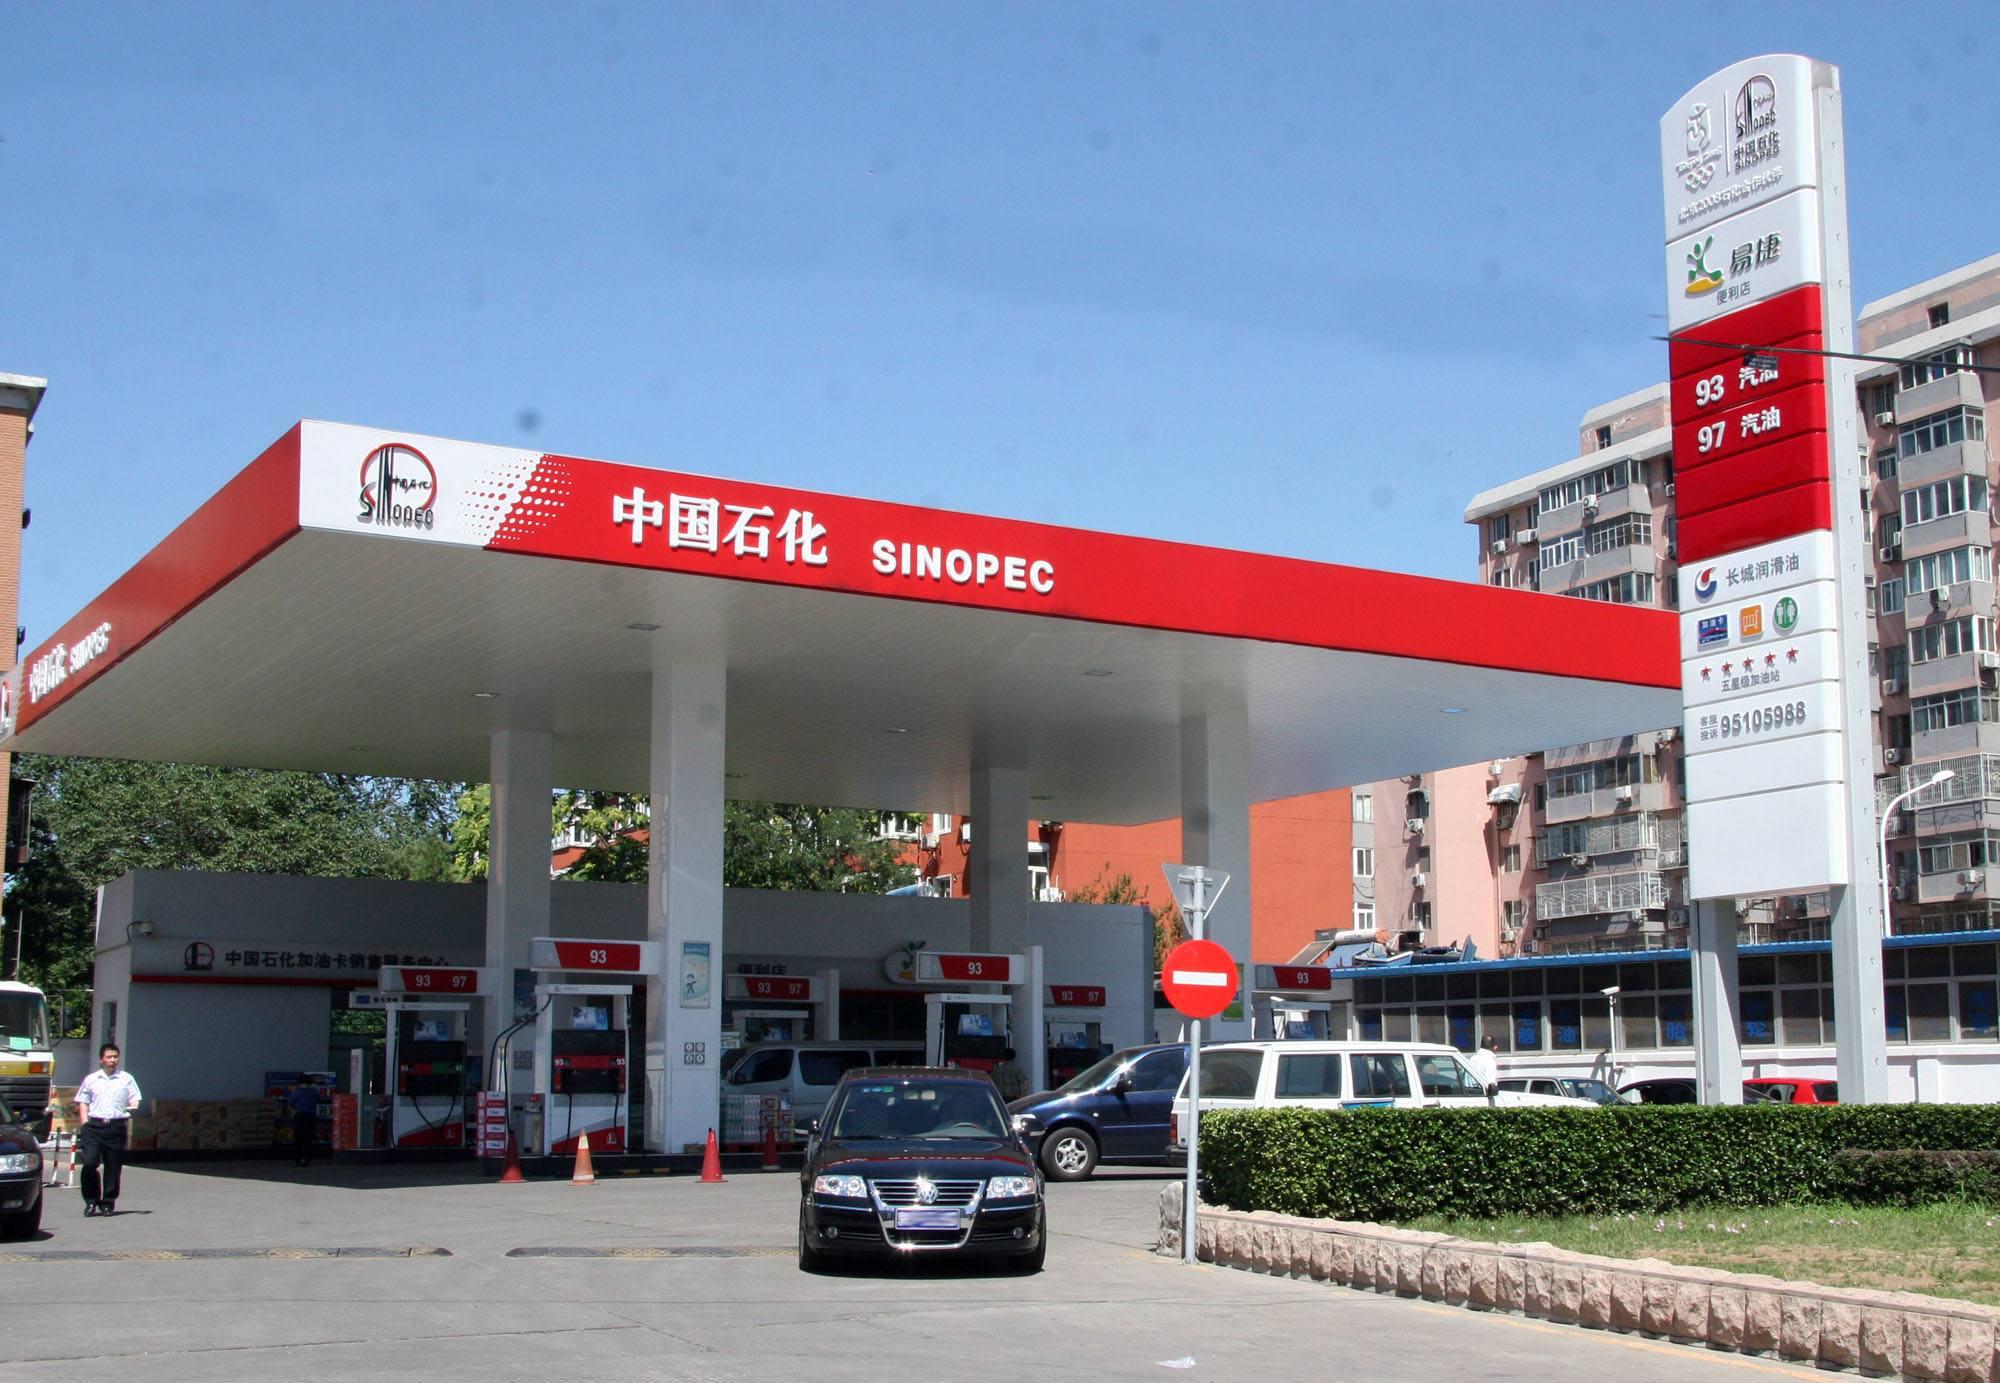 1吨柴油等于多少升?柴油和升如何换算?